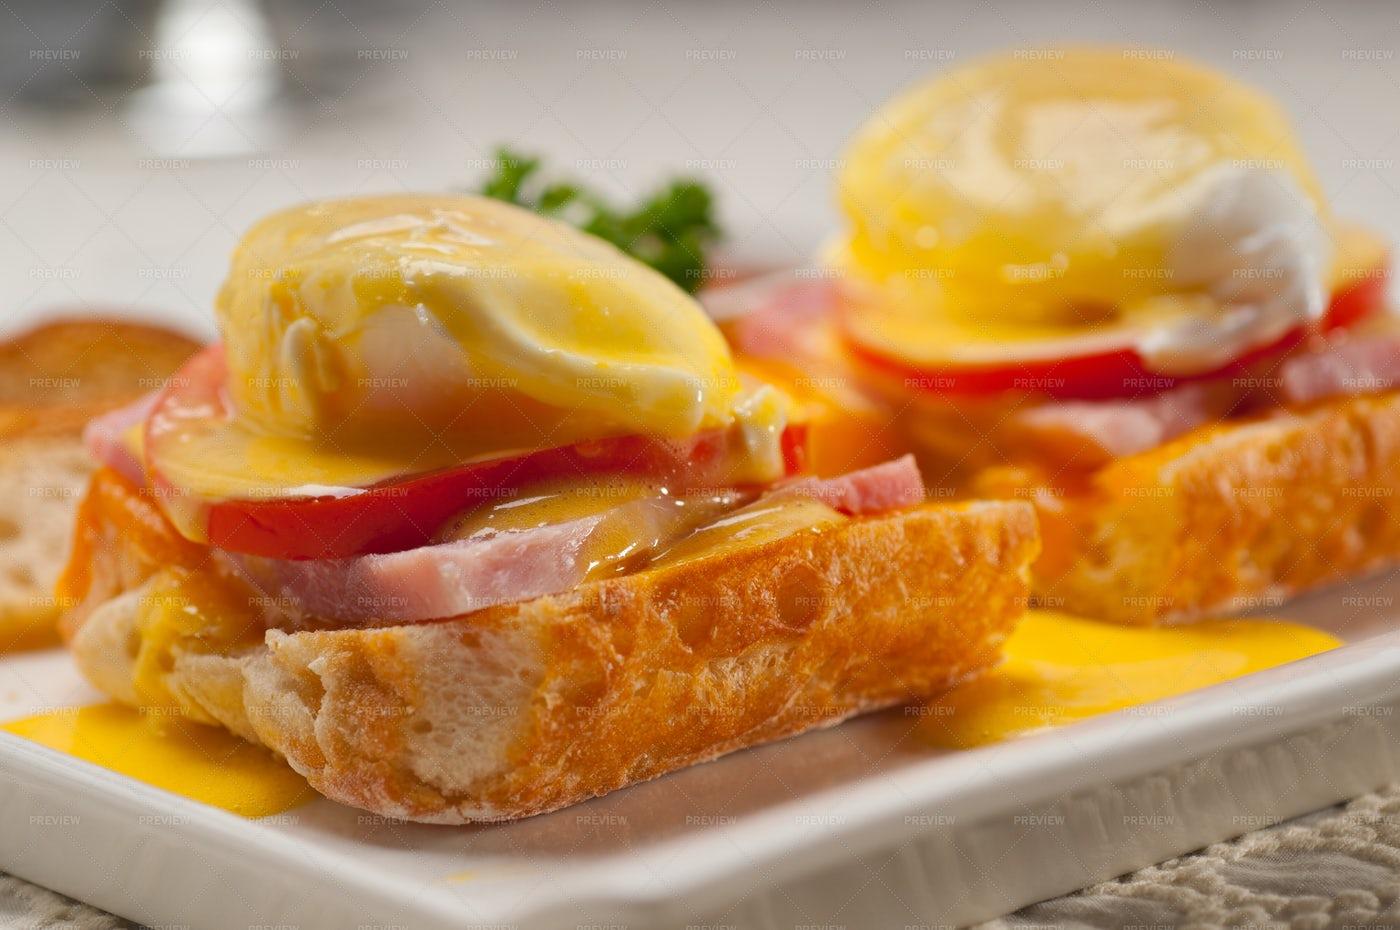 Eggs Benedict On Bread: Stock Photos